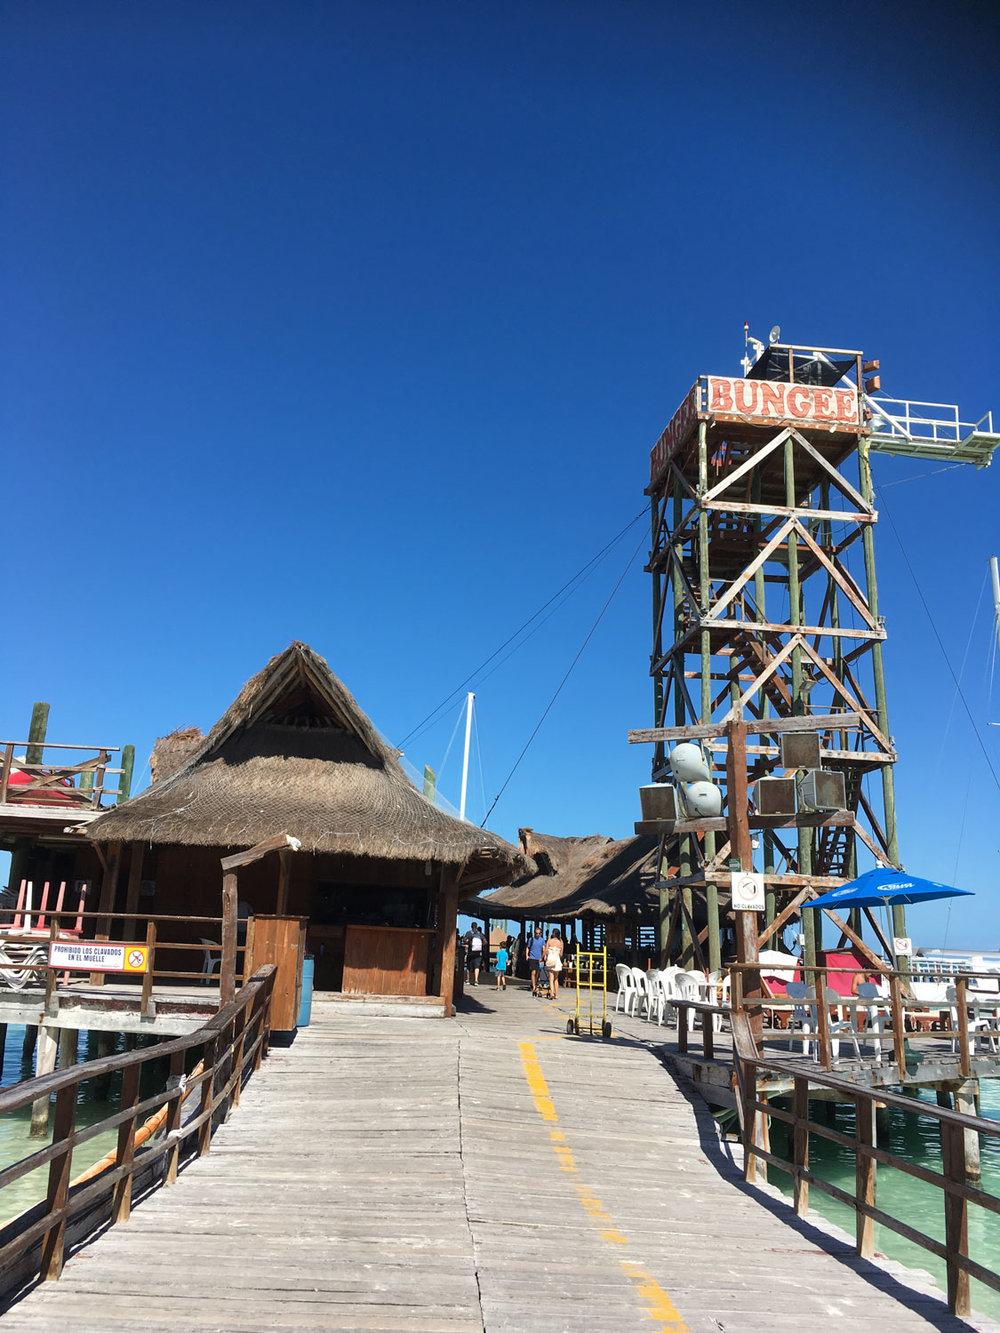 Hammocks_and_Ruins_Riviera_Maya_What_to_Do_Cancun_Beaches_11.jpg